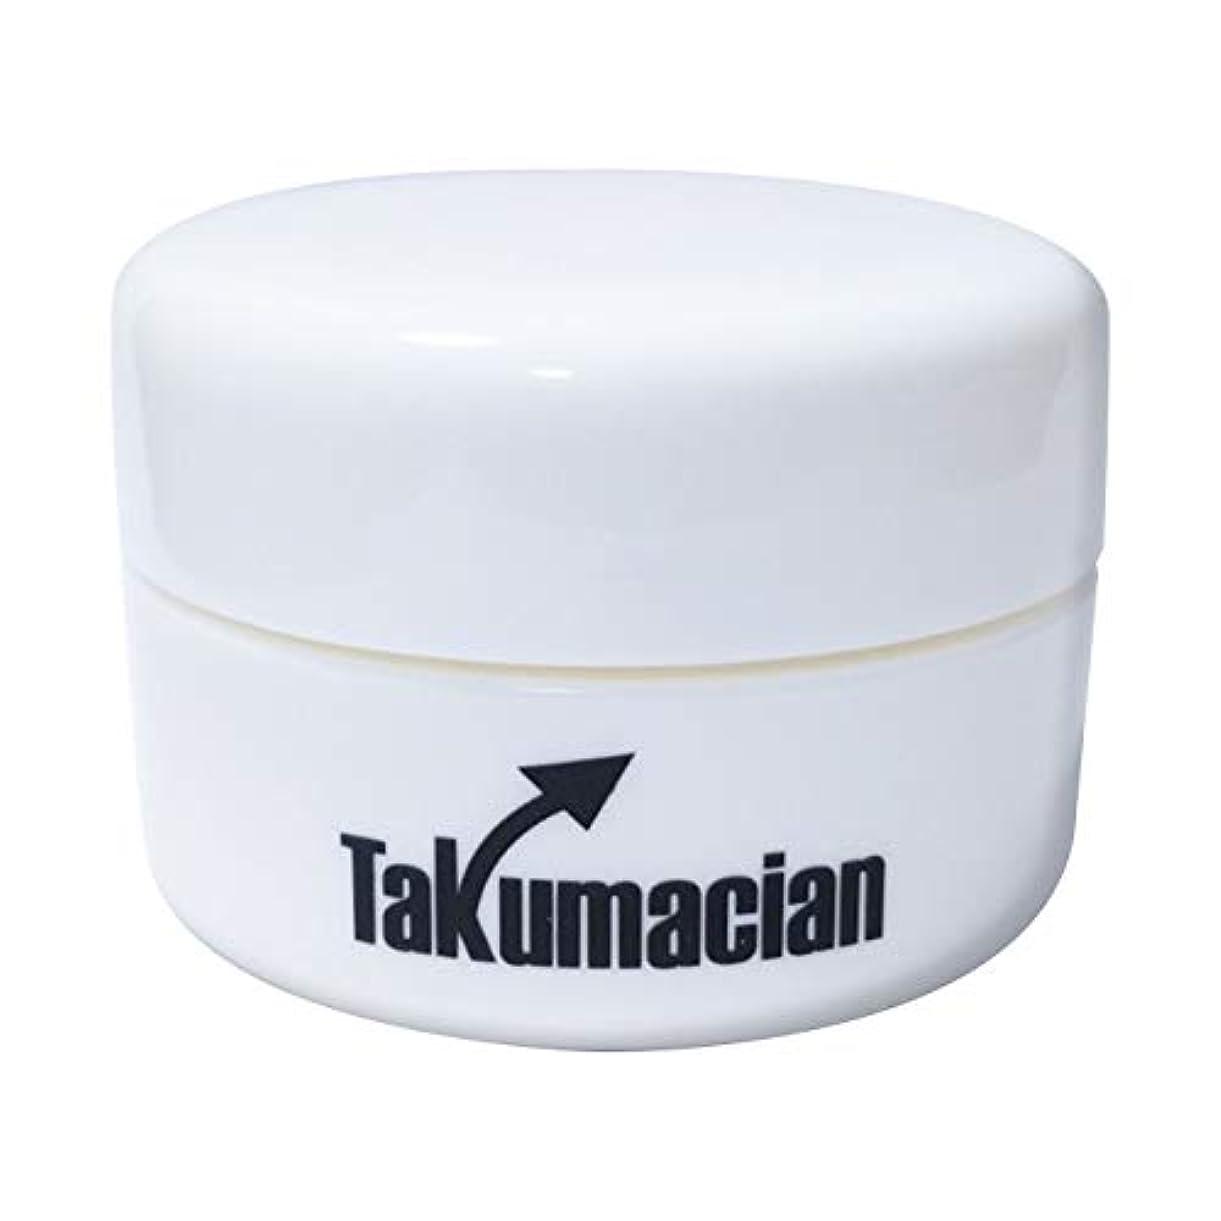 適度な糞ショートカットTakumacian タクマシアン ボディ用クリーム 男性用 長持ち 自信